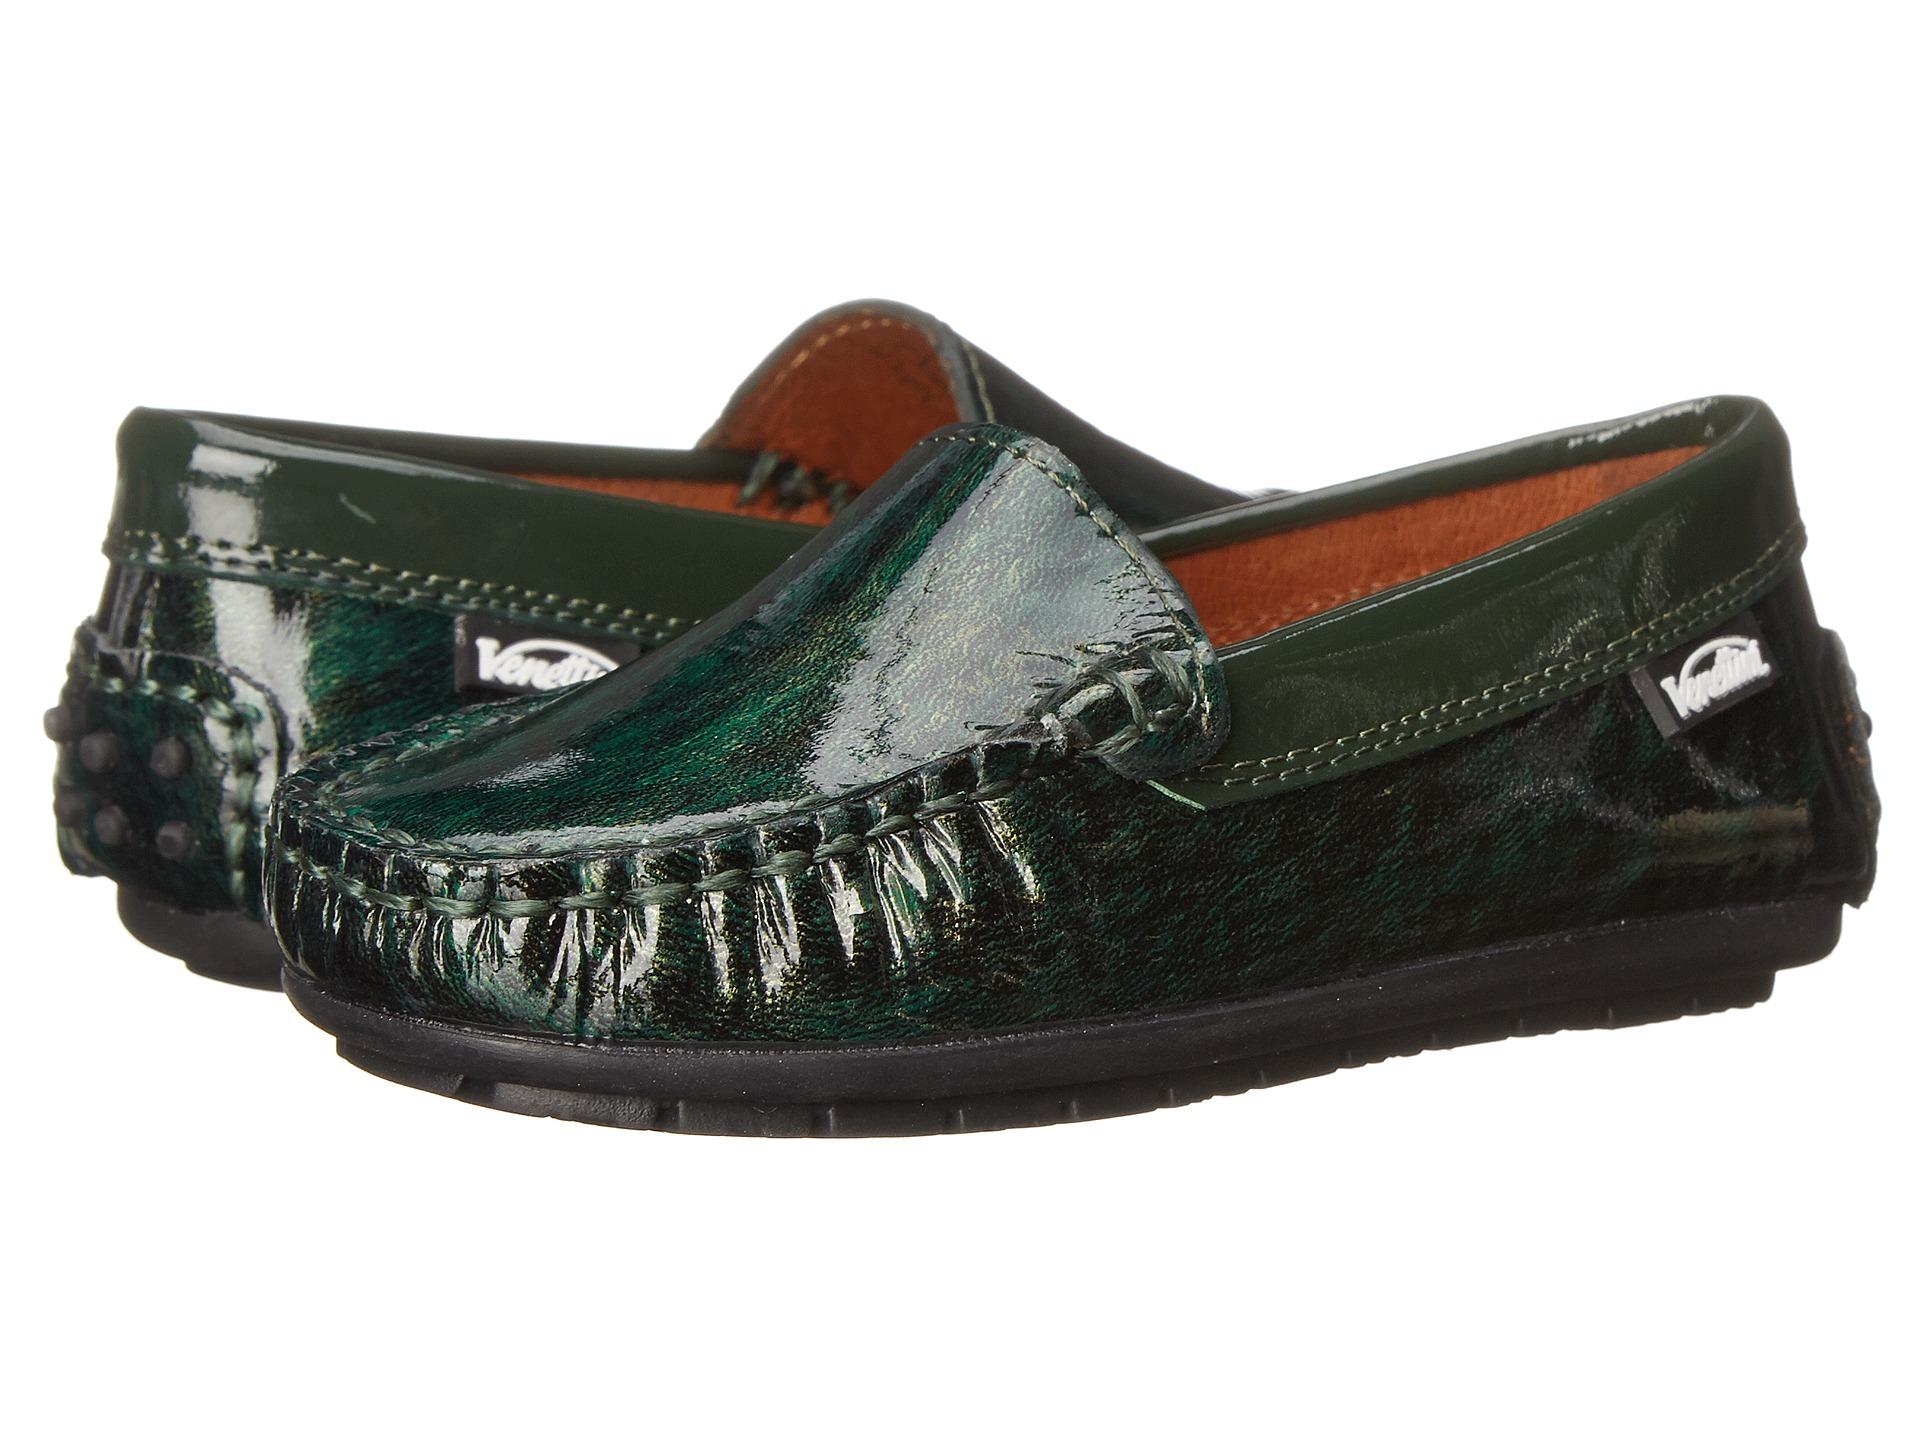 Venettini Shoes Size